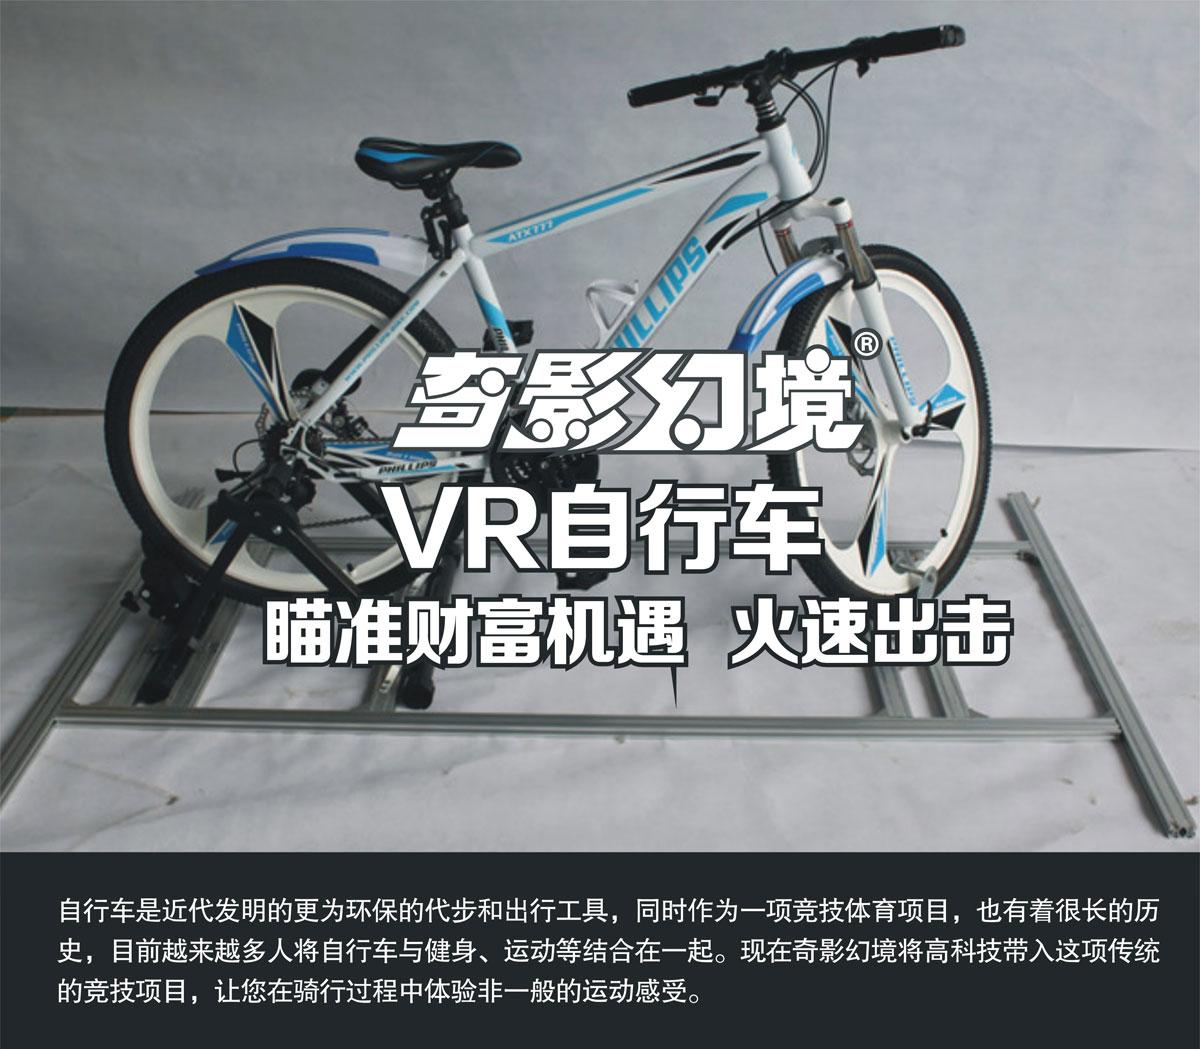 安全体验VR自行车瞄准财富机遇.jpg